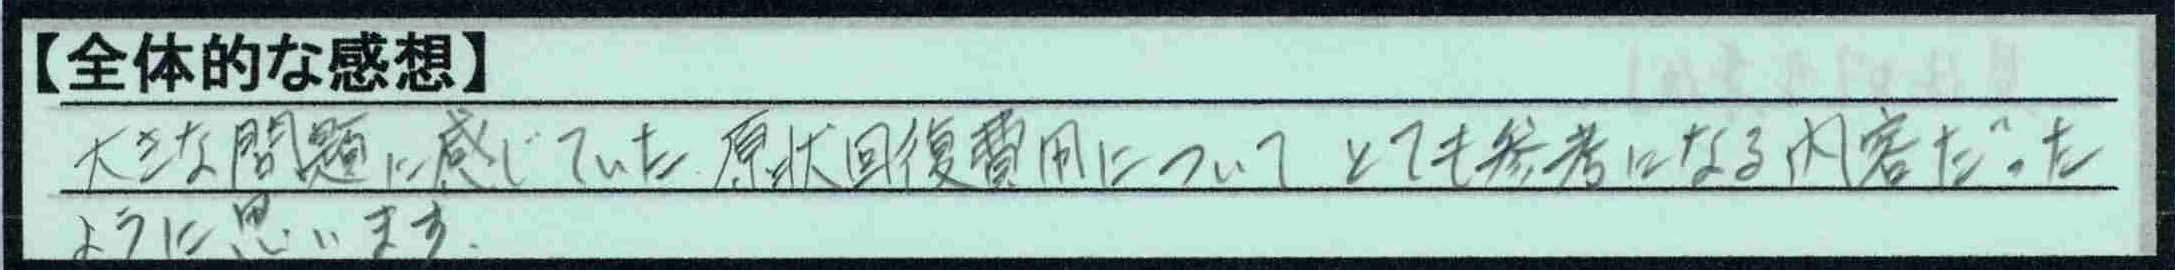 【愛知県宝飯郡市】【S.Hさん】【全体感想】